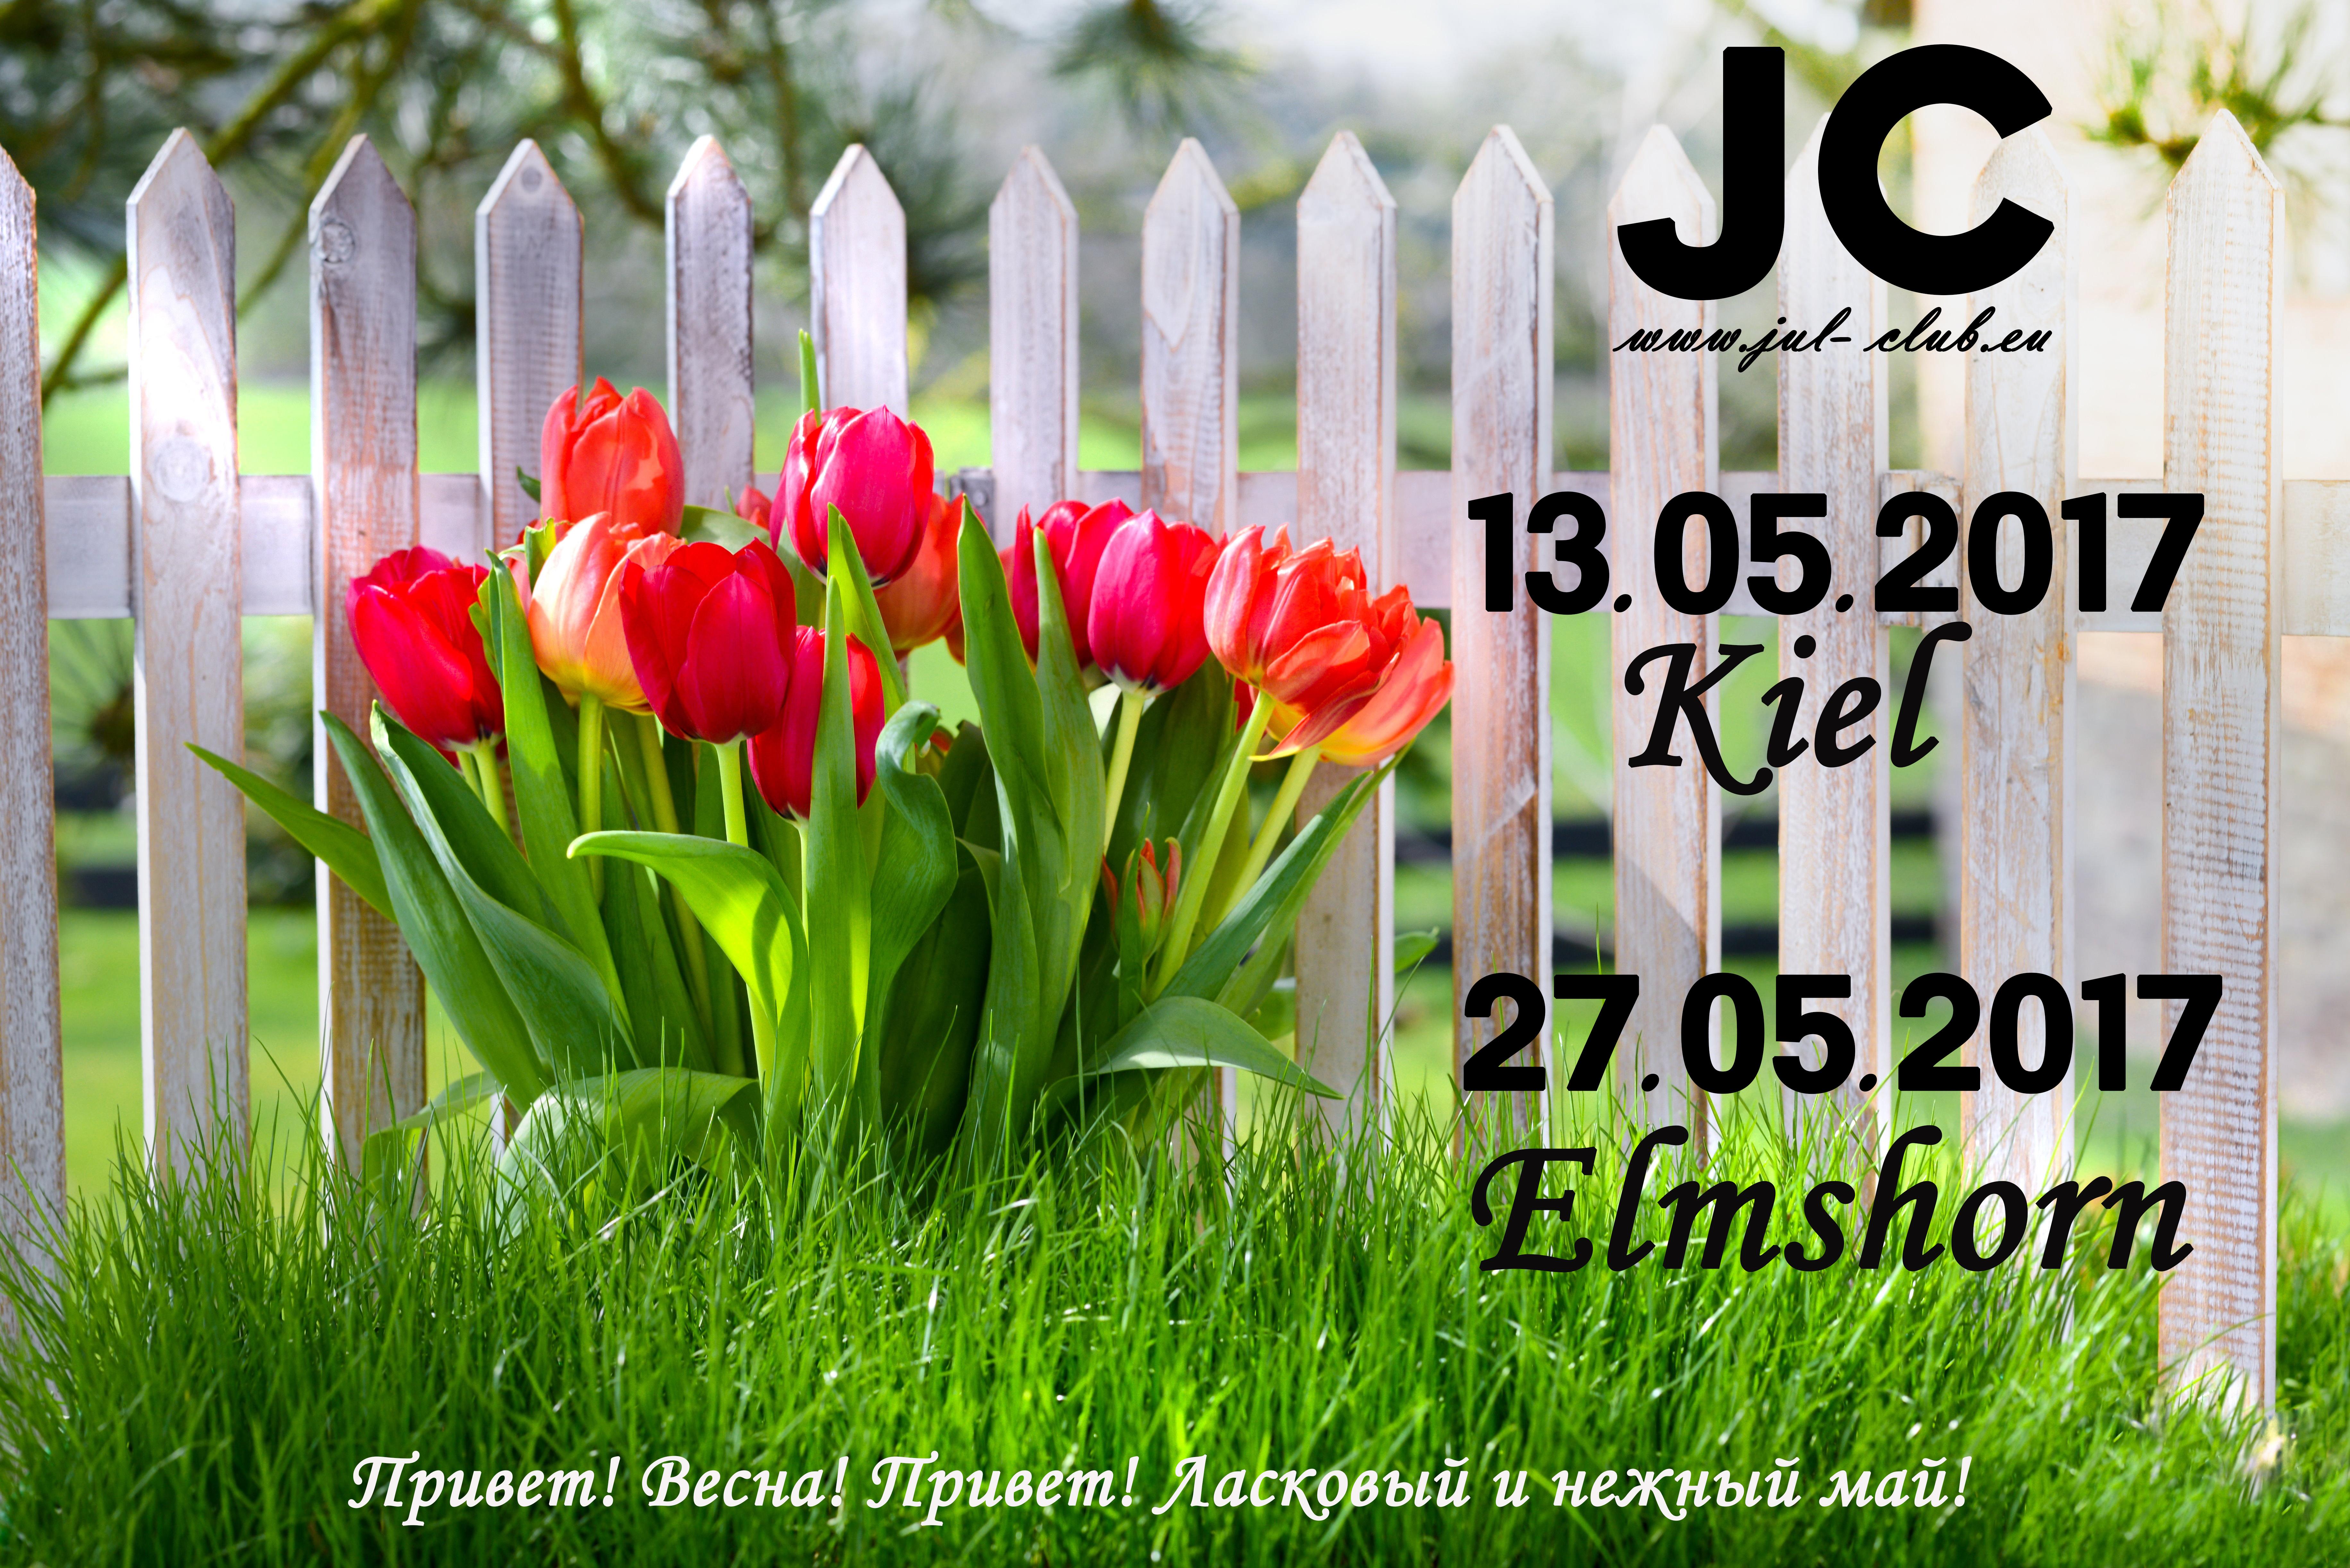 Jul Club mai Elmshorn Kiel